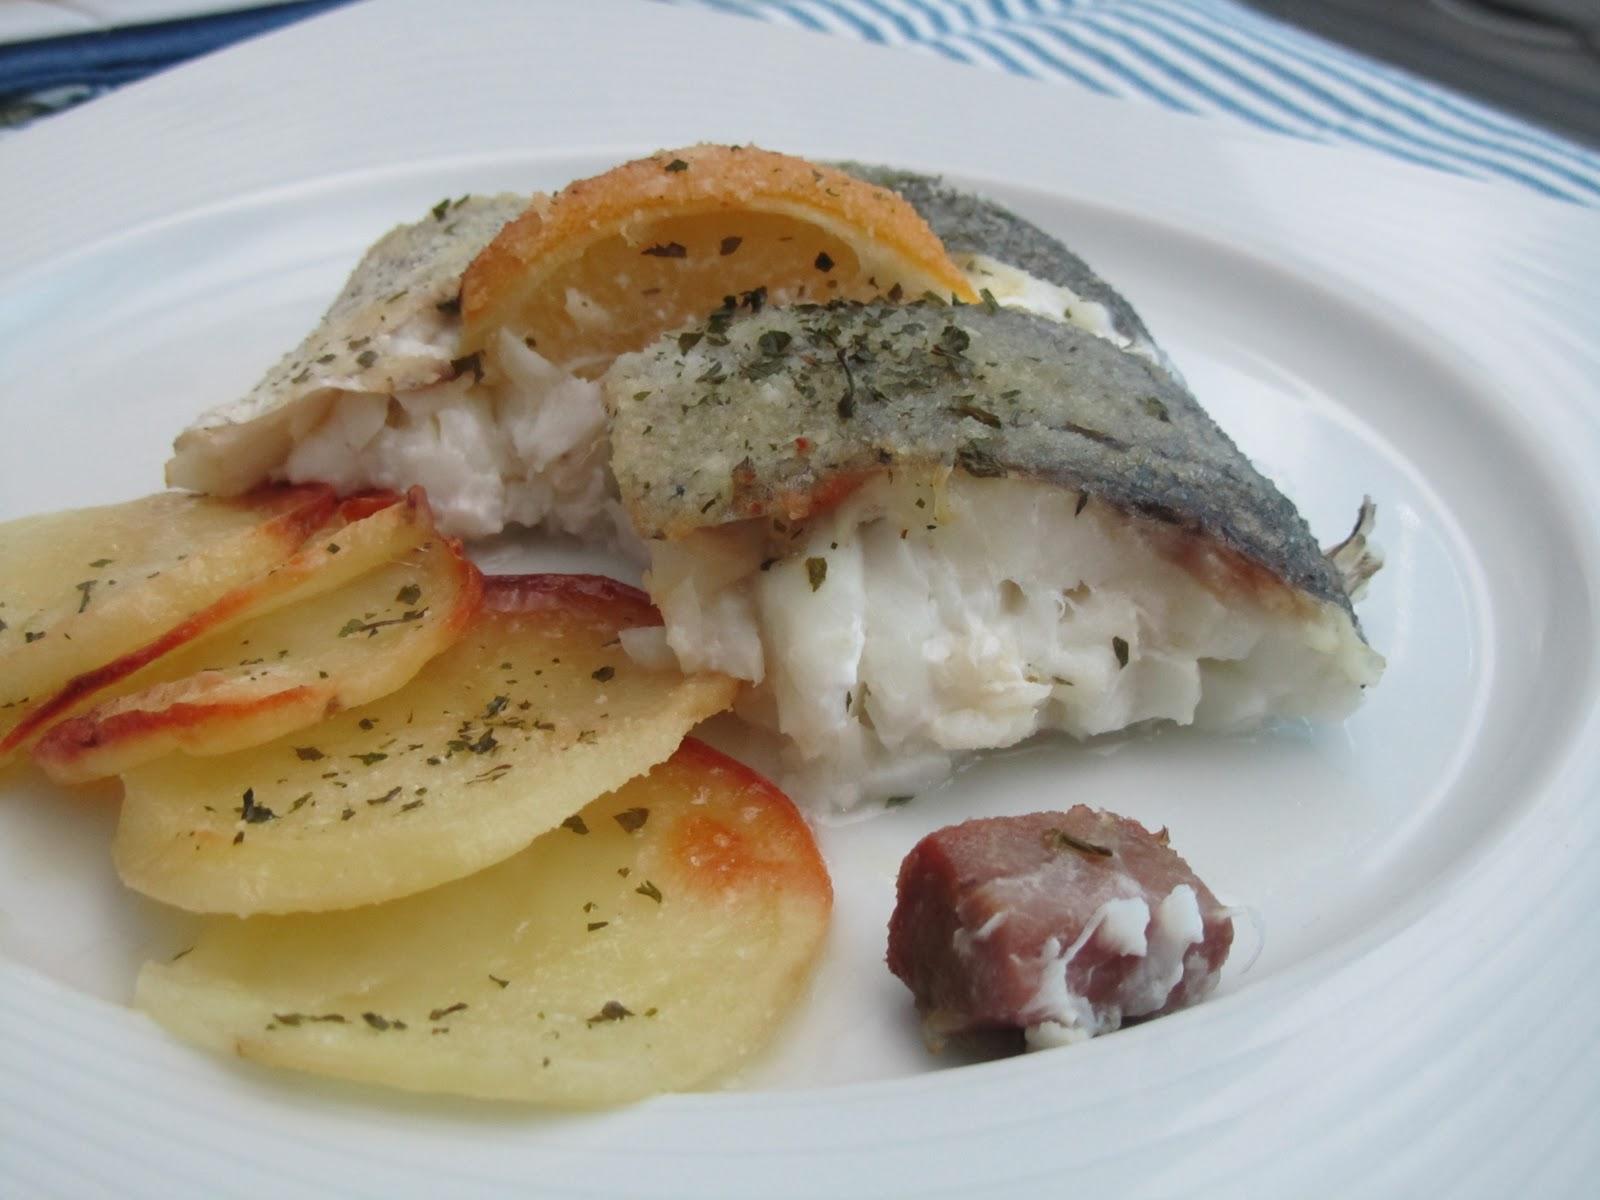 Merluza al horno acompa ada con patataschef al paso - Merluza rellena de marisco al horno ...